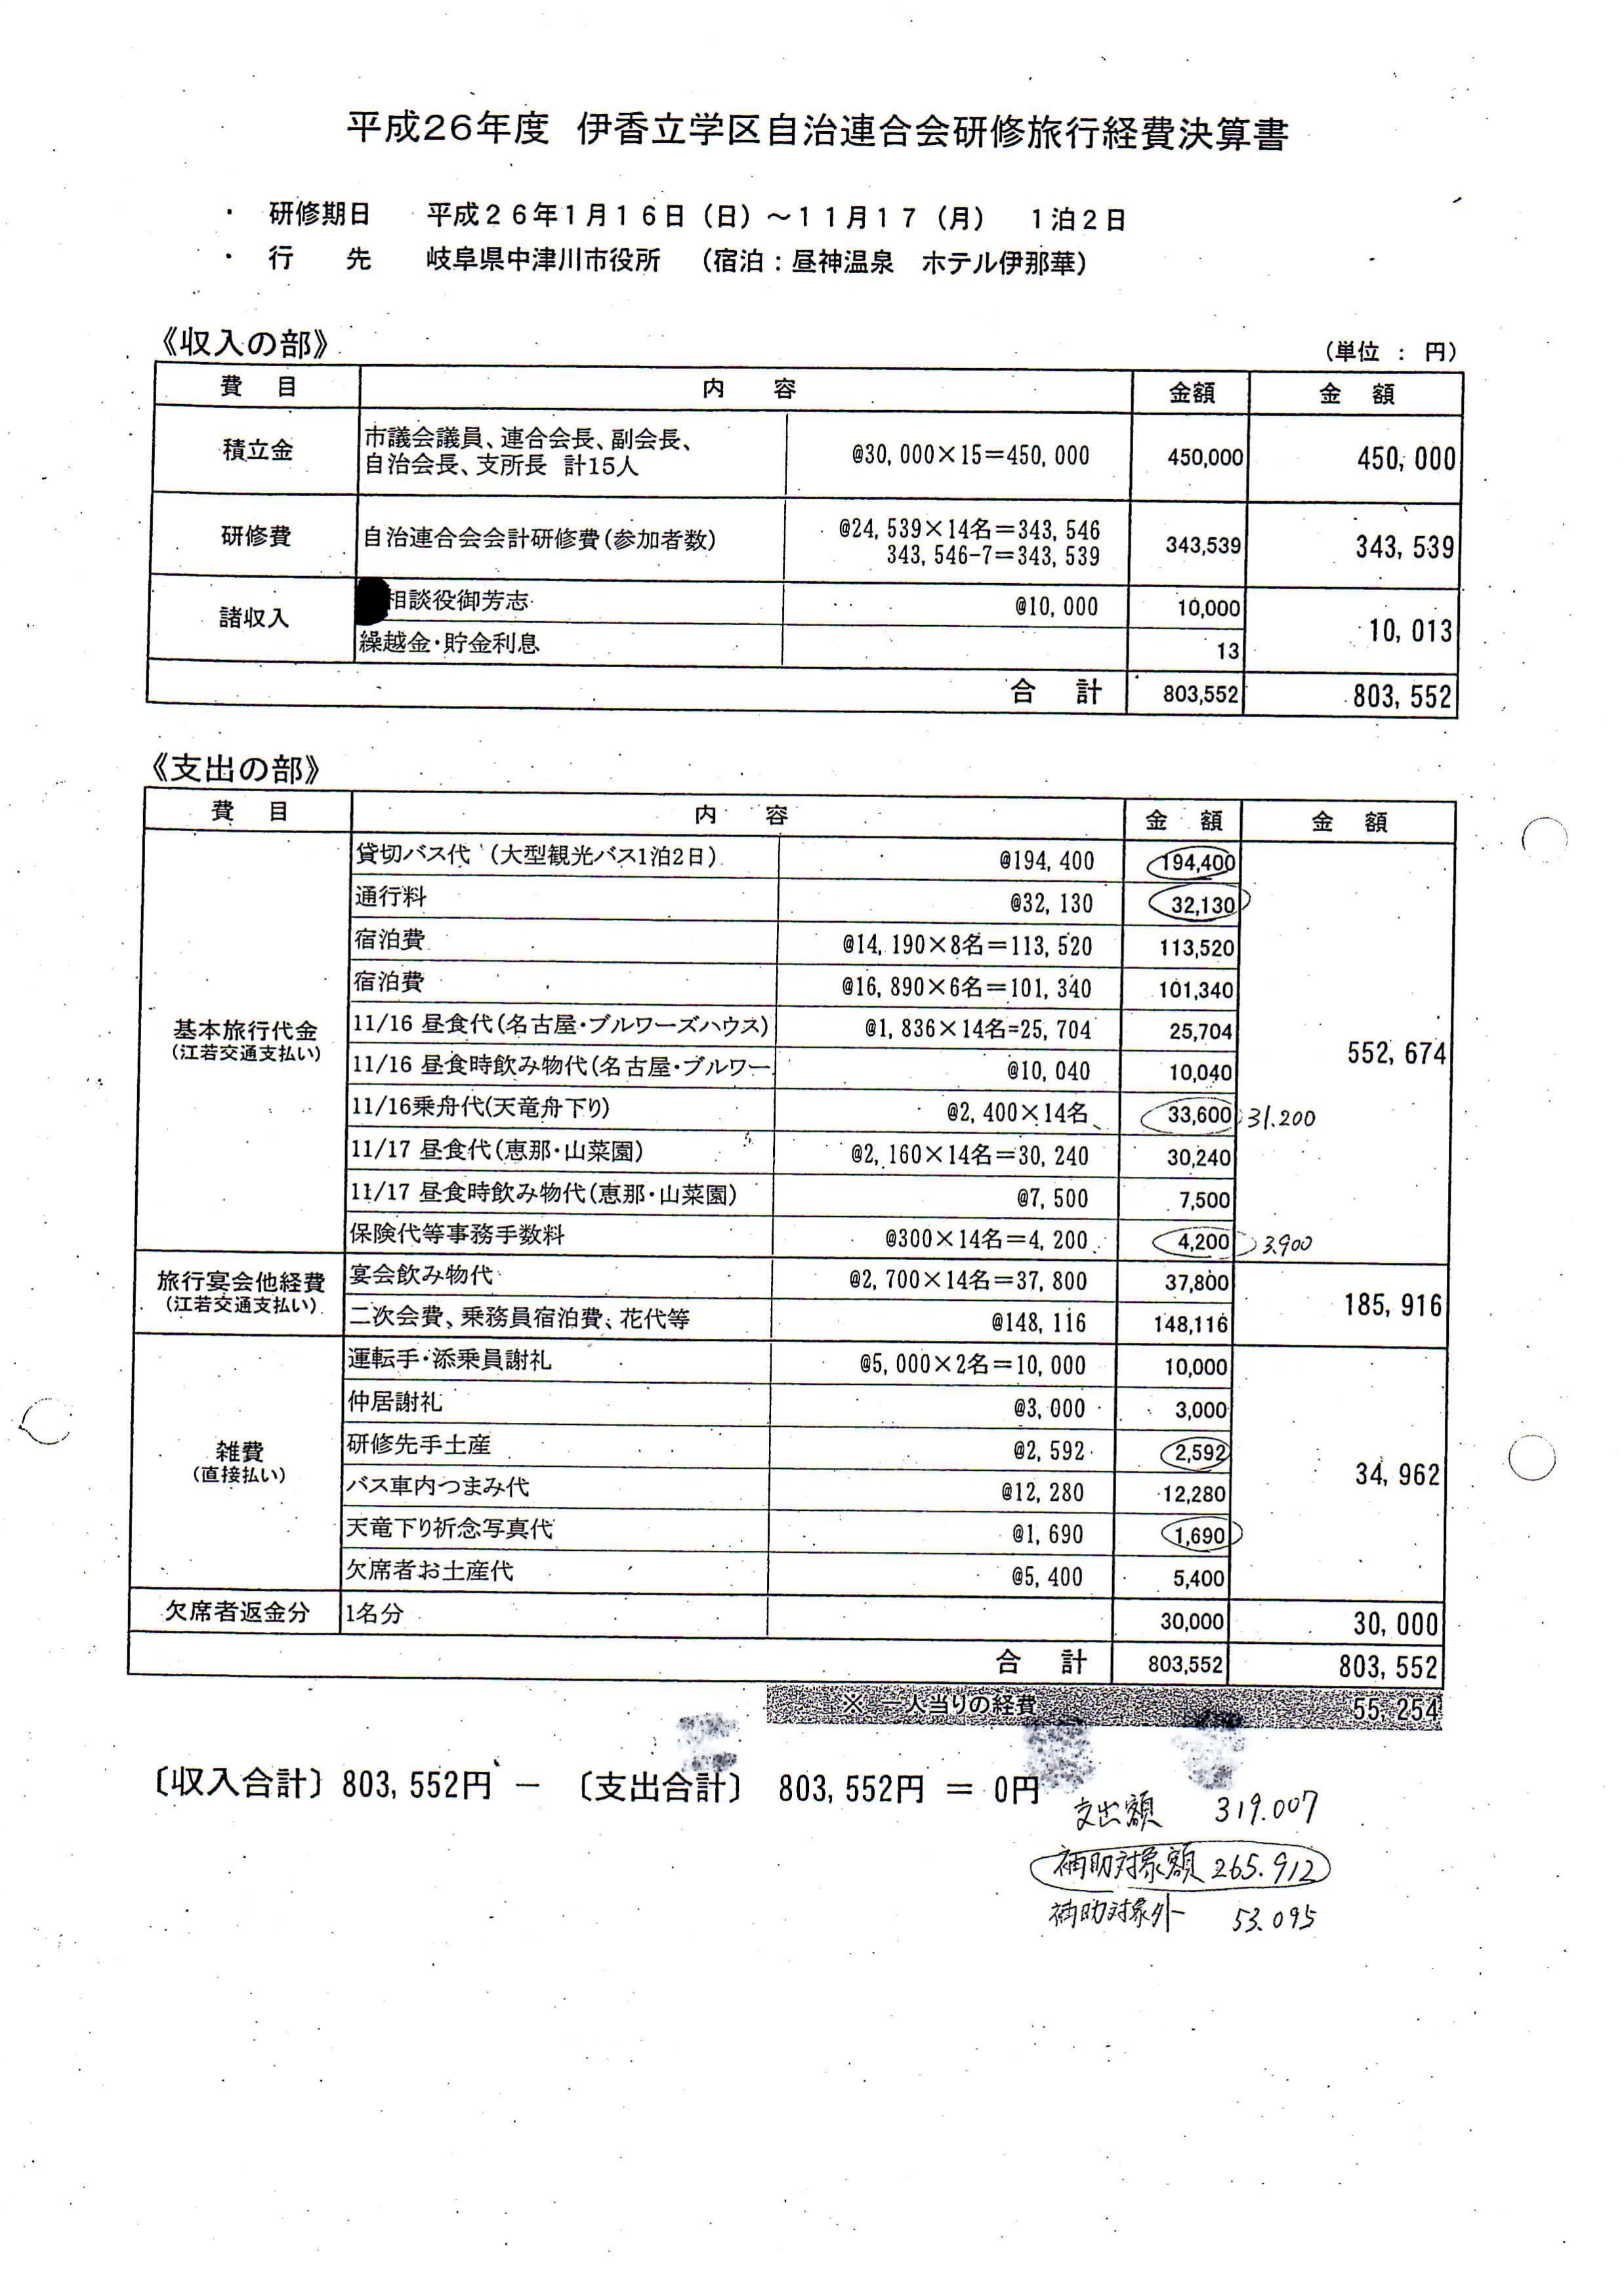 2014年伊香立学区自治連合会研修旅行経費決算書_04